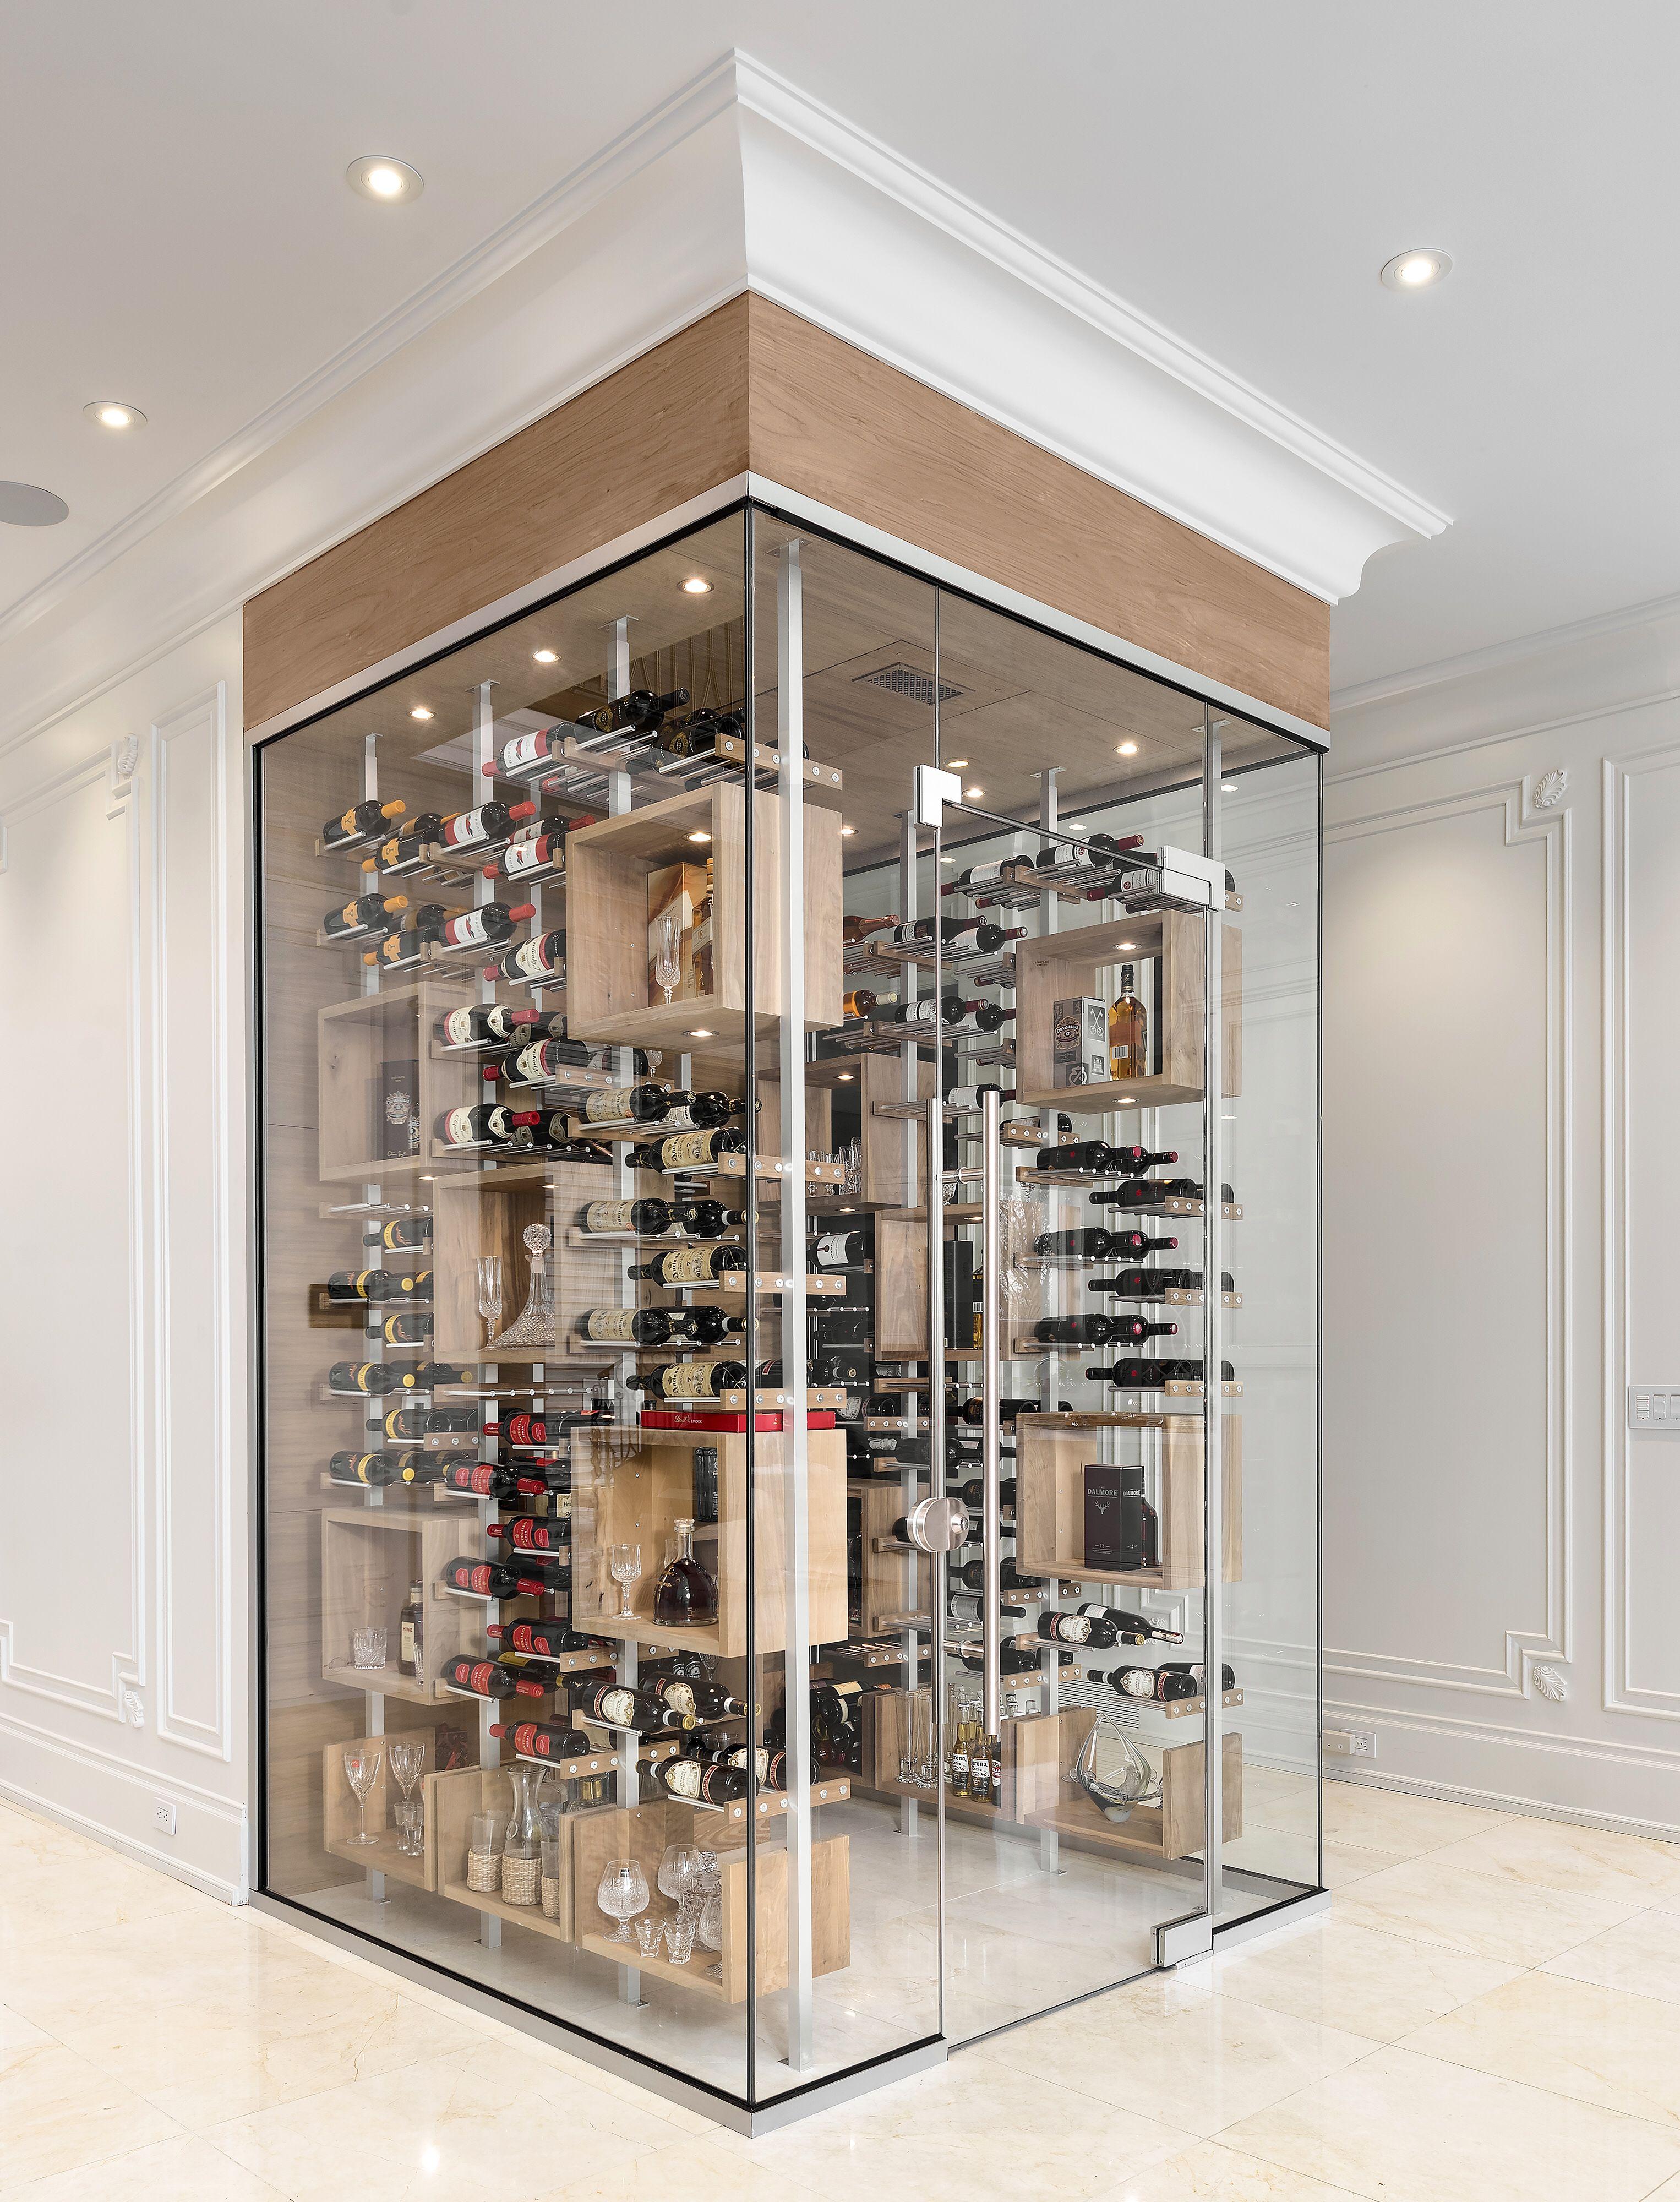 Aluminum Natural Walnut Frameless Glass Door Frameless Glass